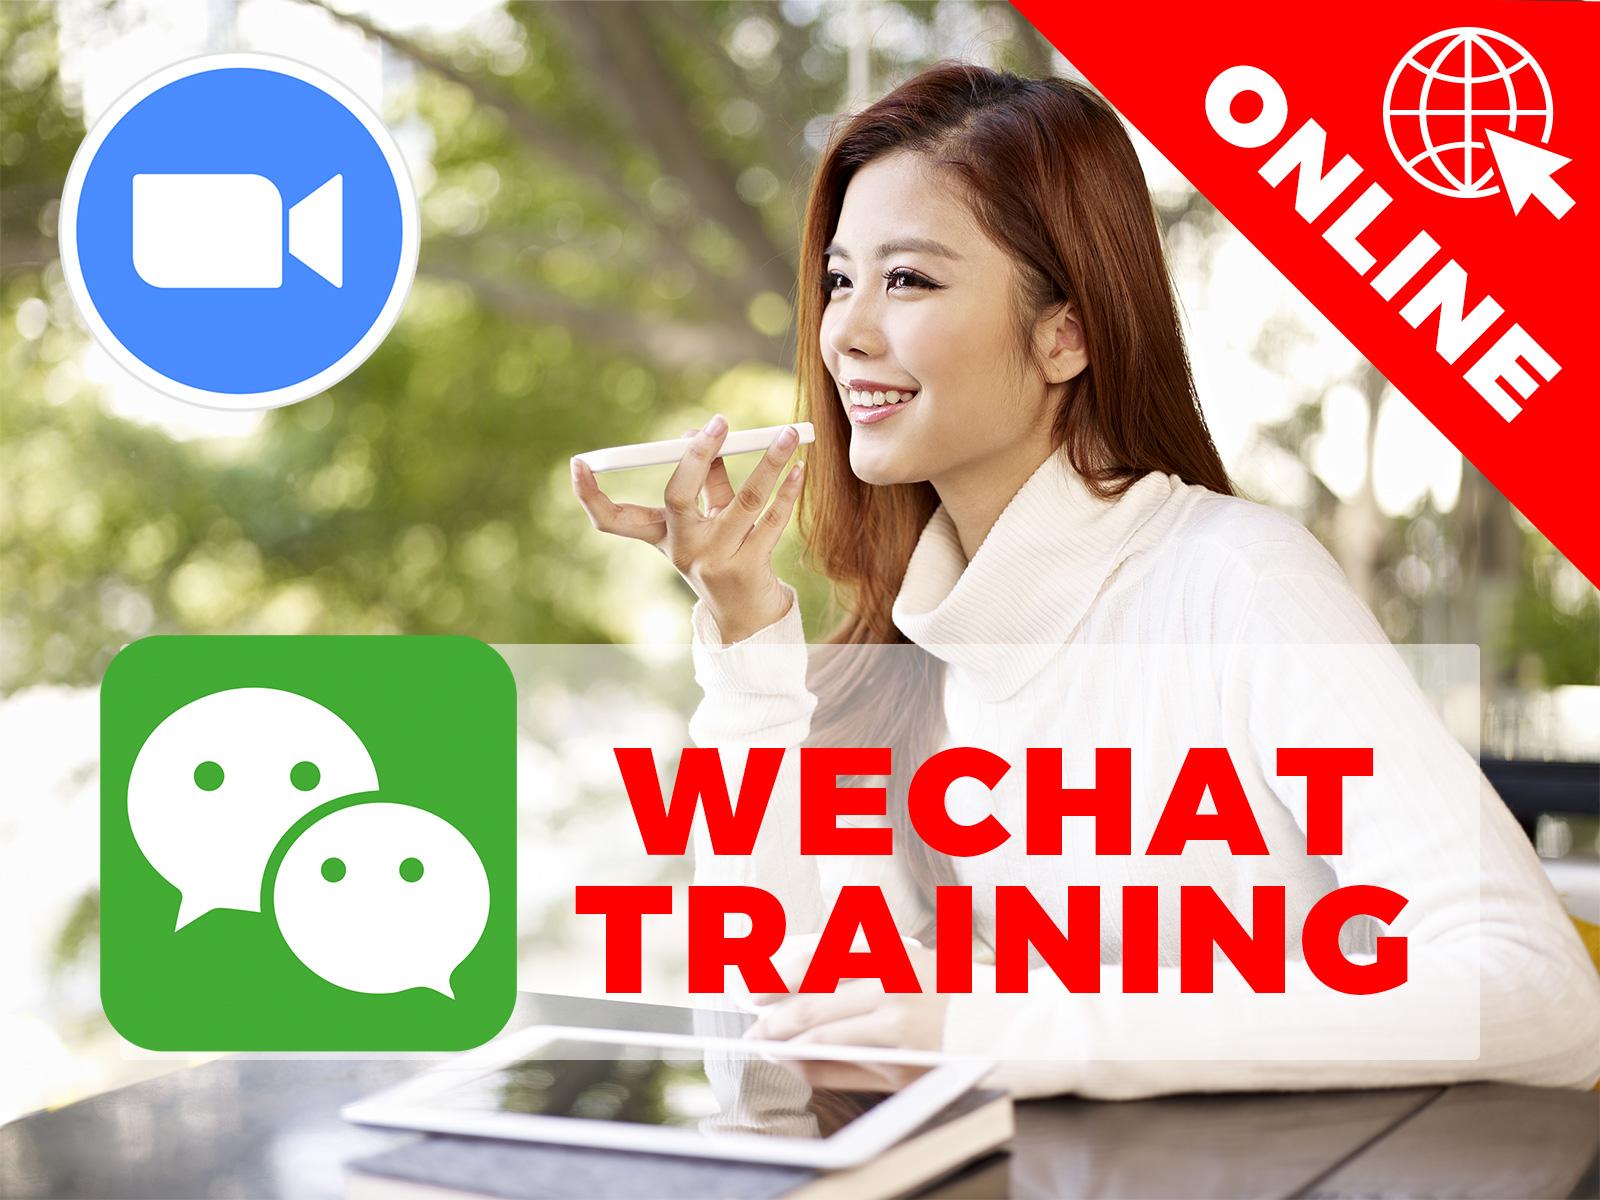 WeChat-business-marketing-workshop-online2